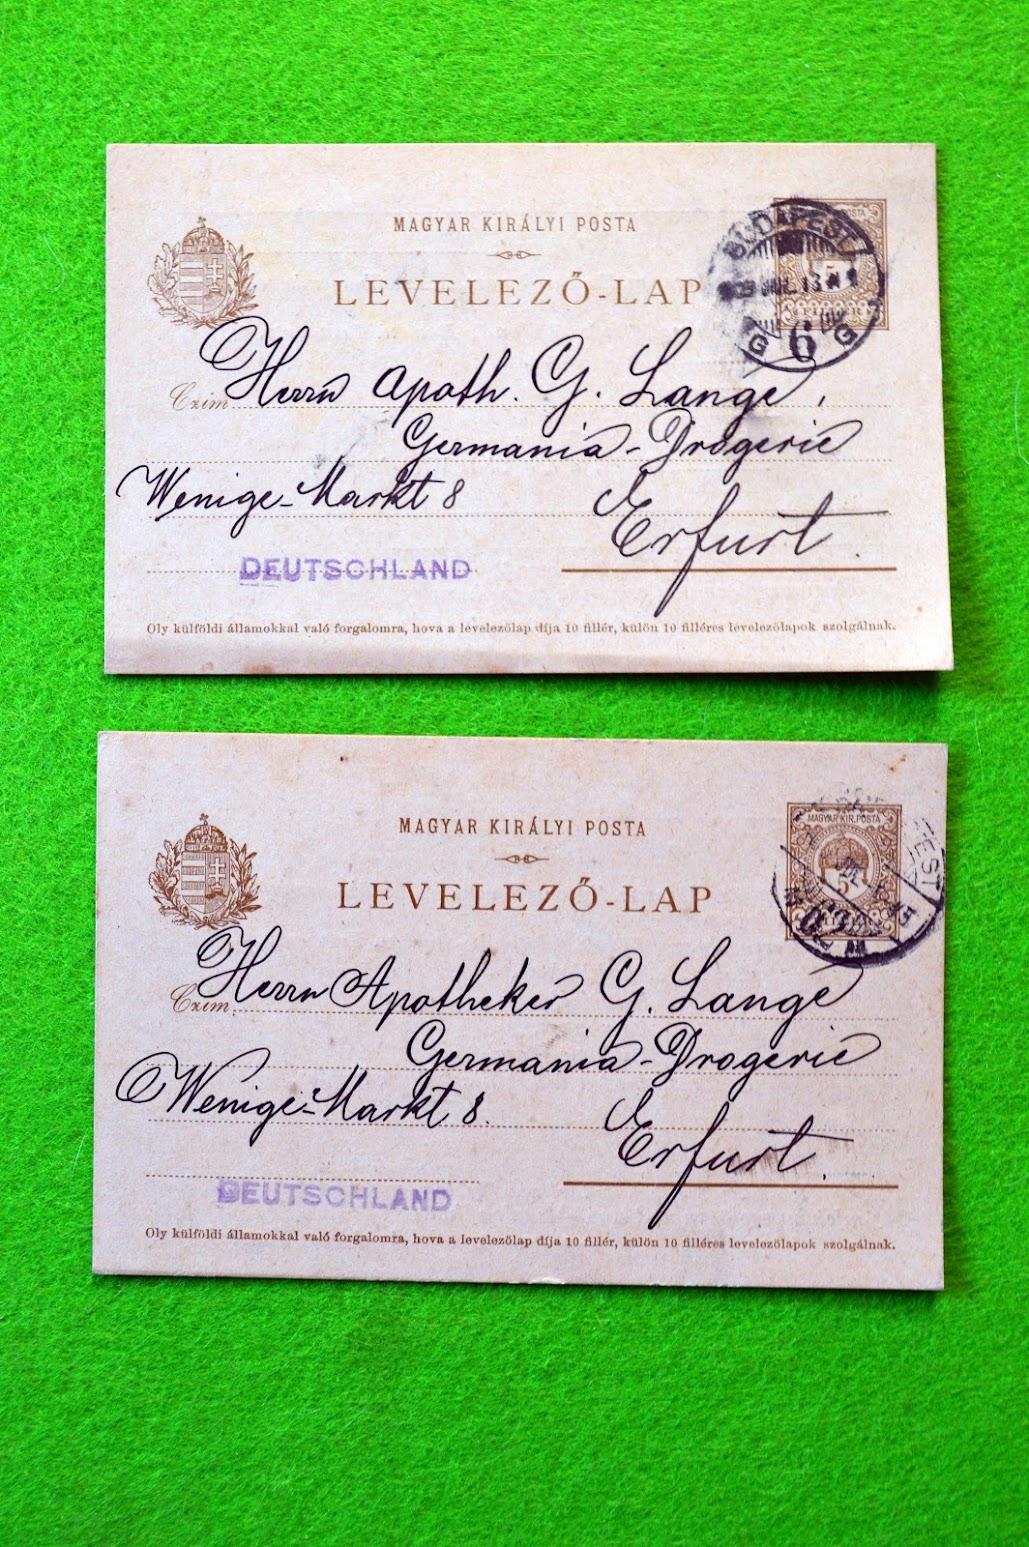 Geschäftspost aus Ungarn - Paprika und Einwickelpapier